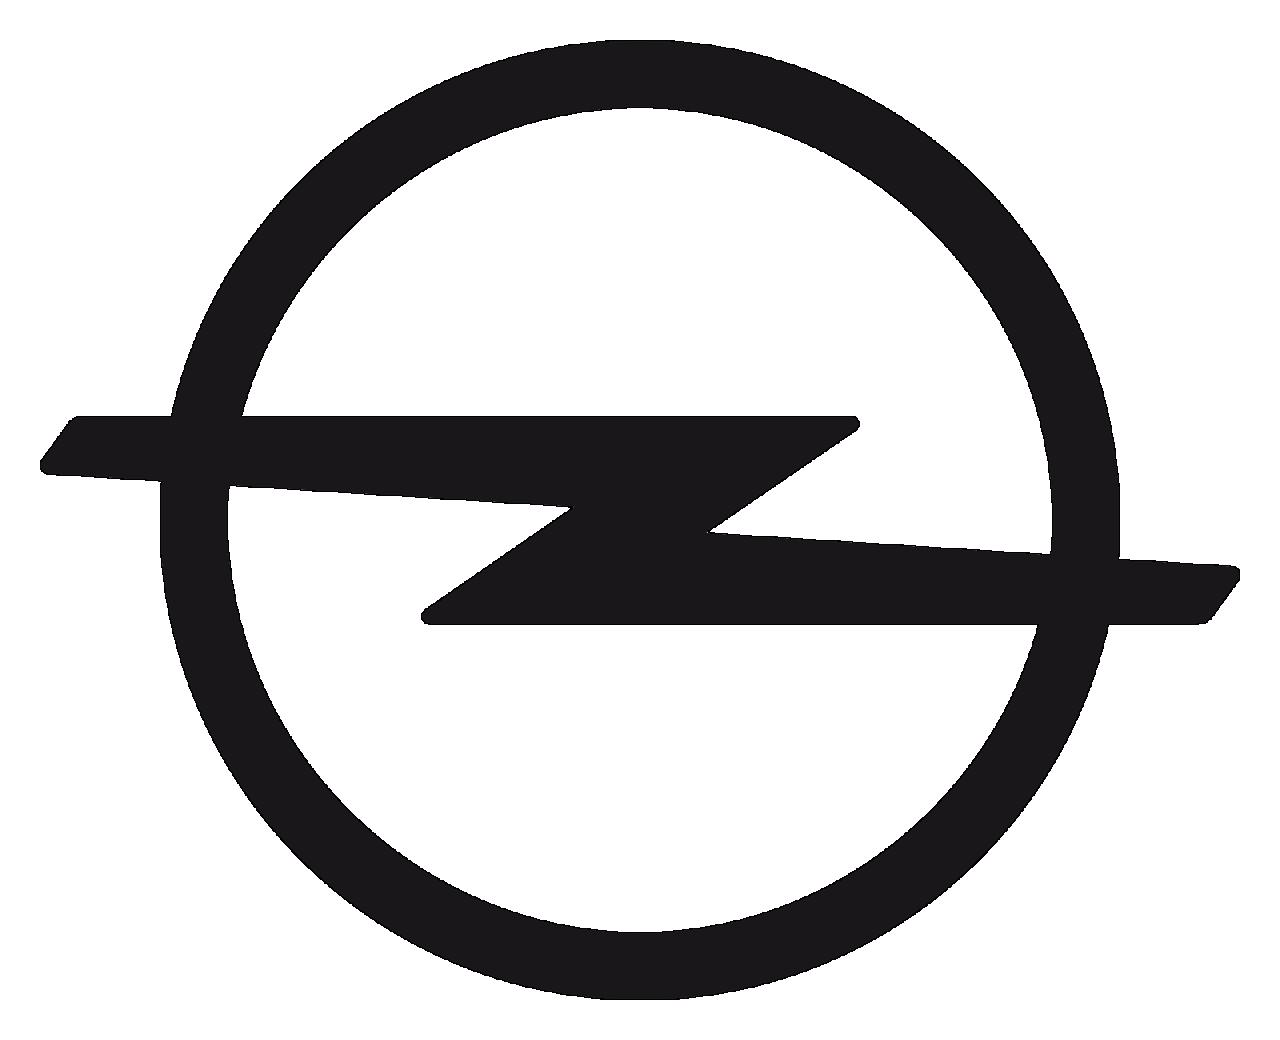 File:Opel.